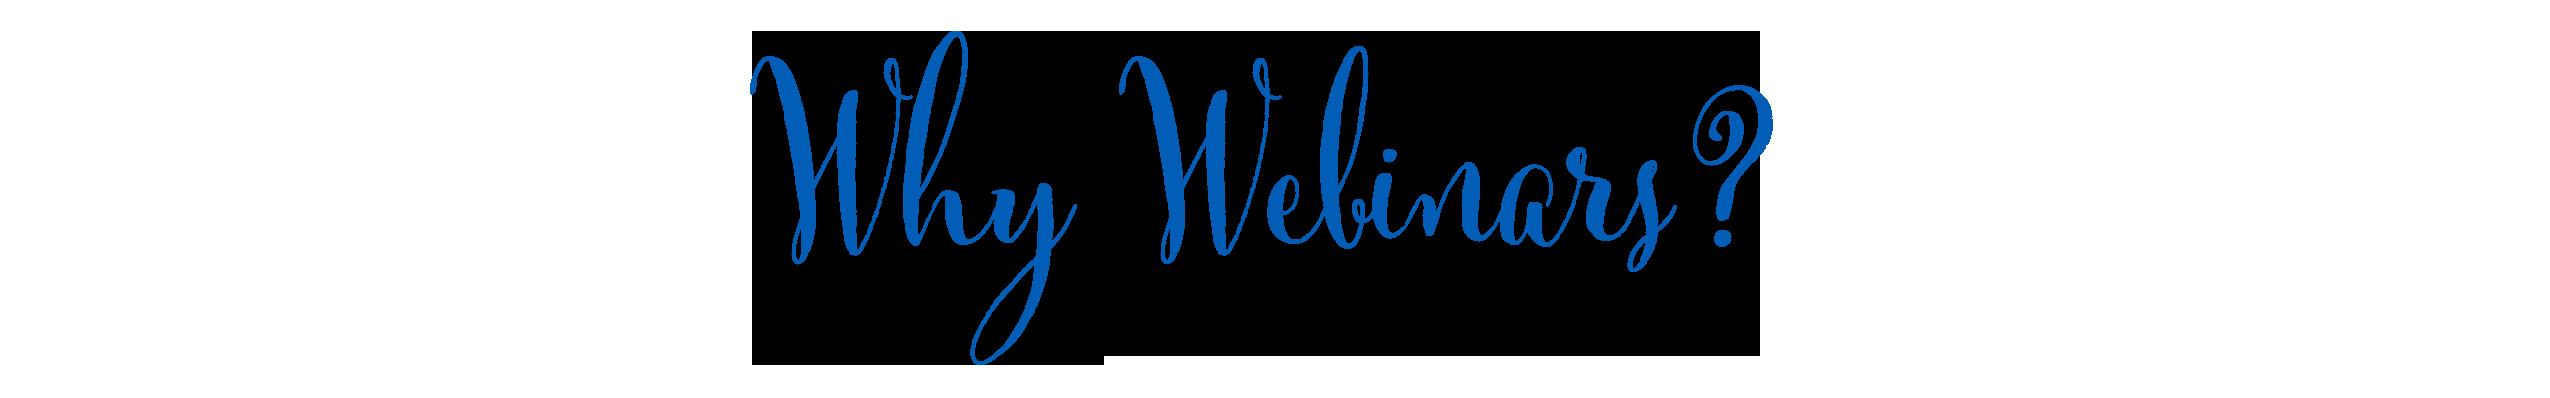 Why Webinars?